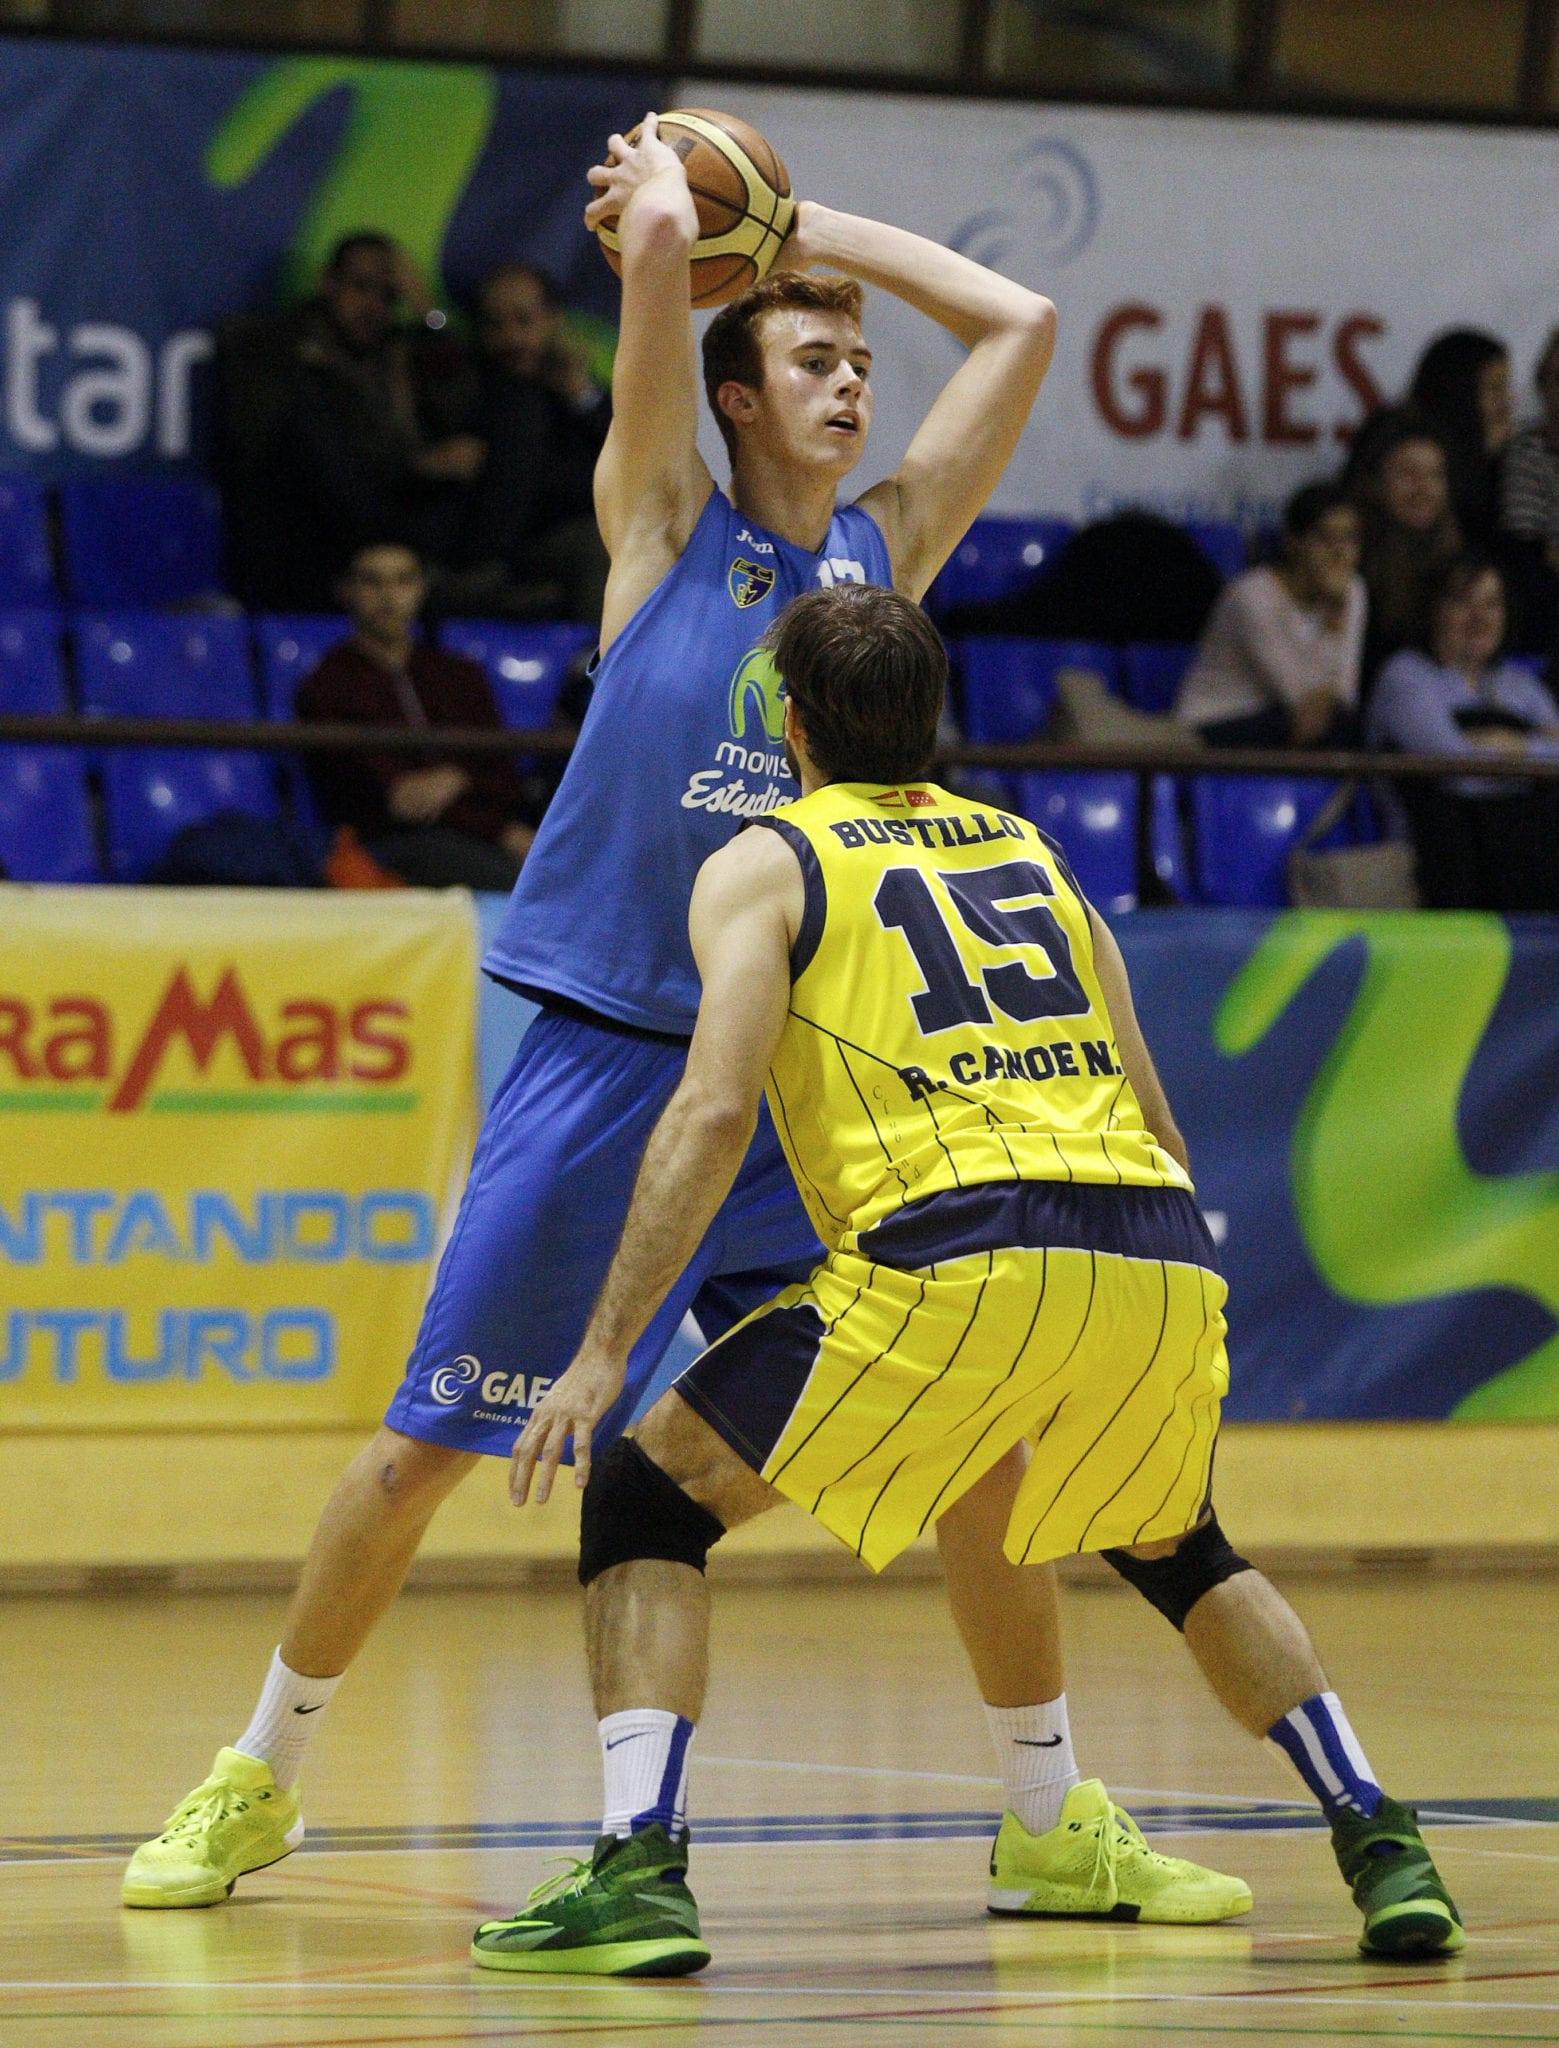 EBA: El filial de Movistar Estudiantes pierde ante un duro Náutico Kia Tenerife (90-64), acertado en el tiro y muy superior en el rebote